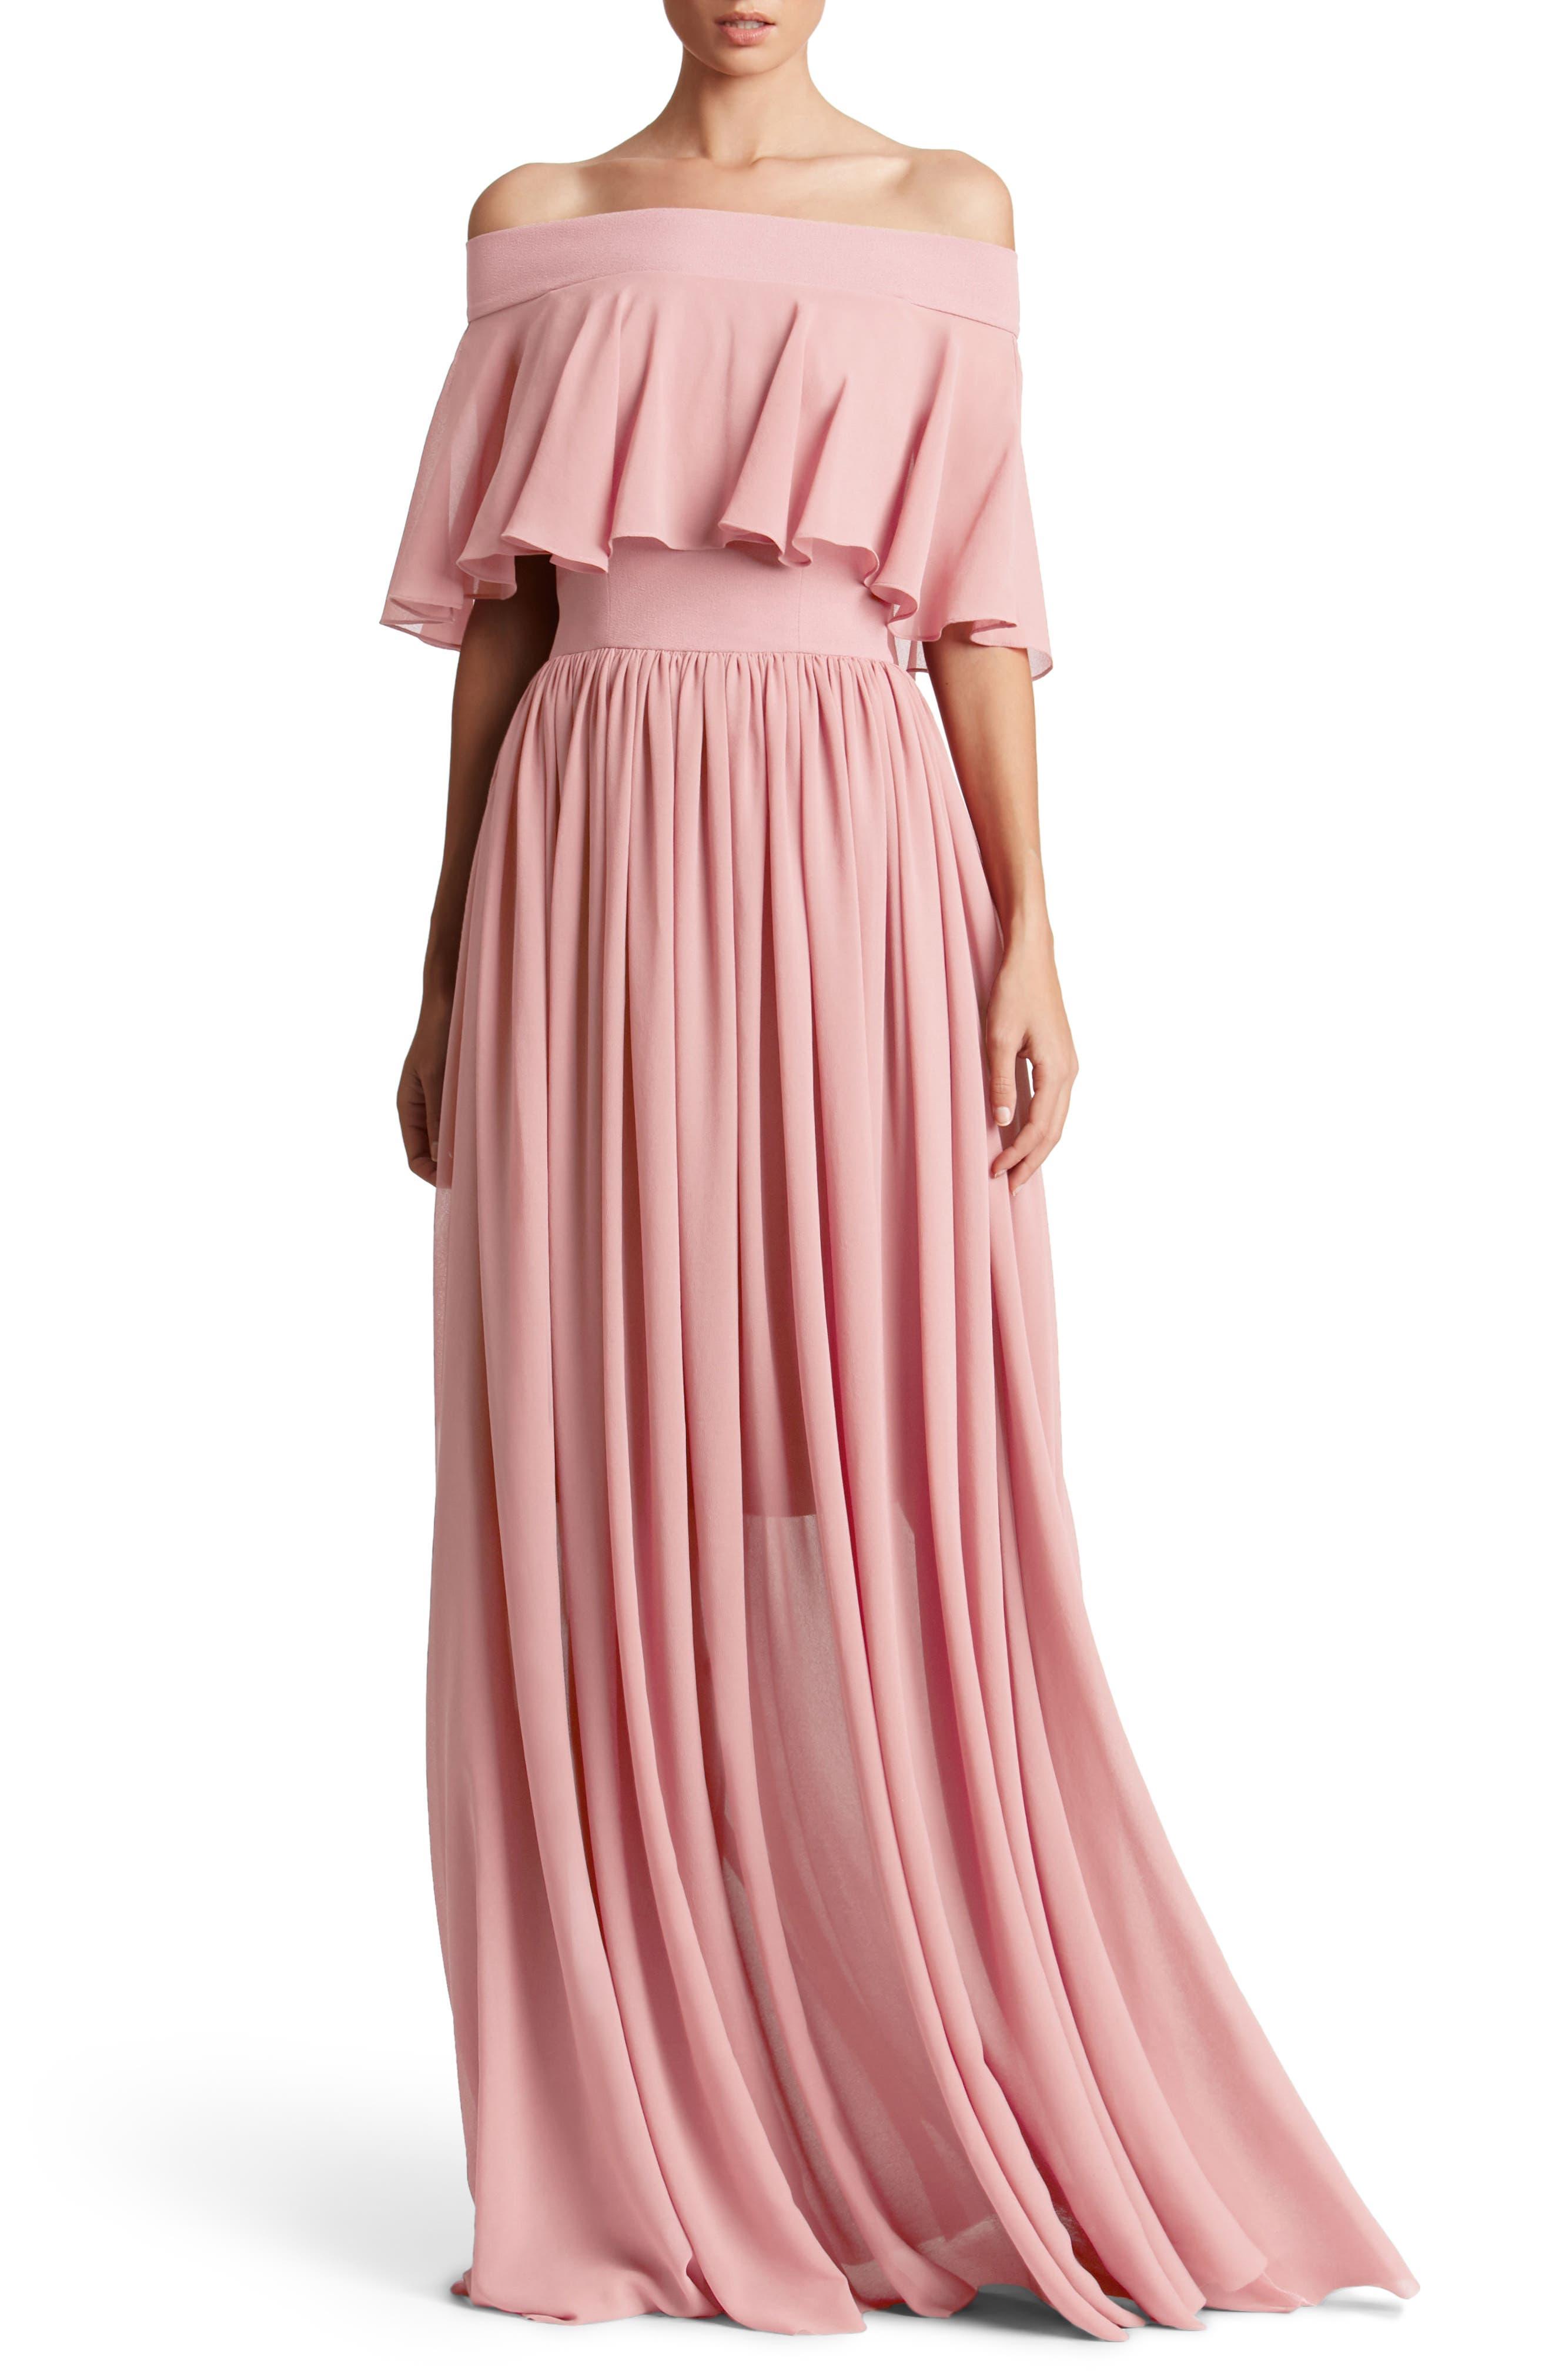 101277261 - Contemporary Wedding Dresses